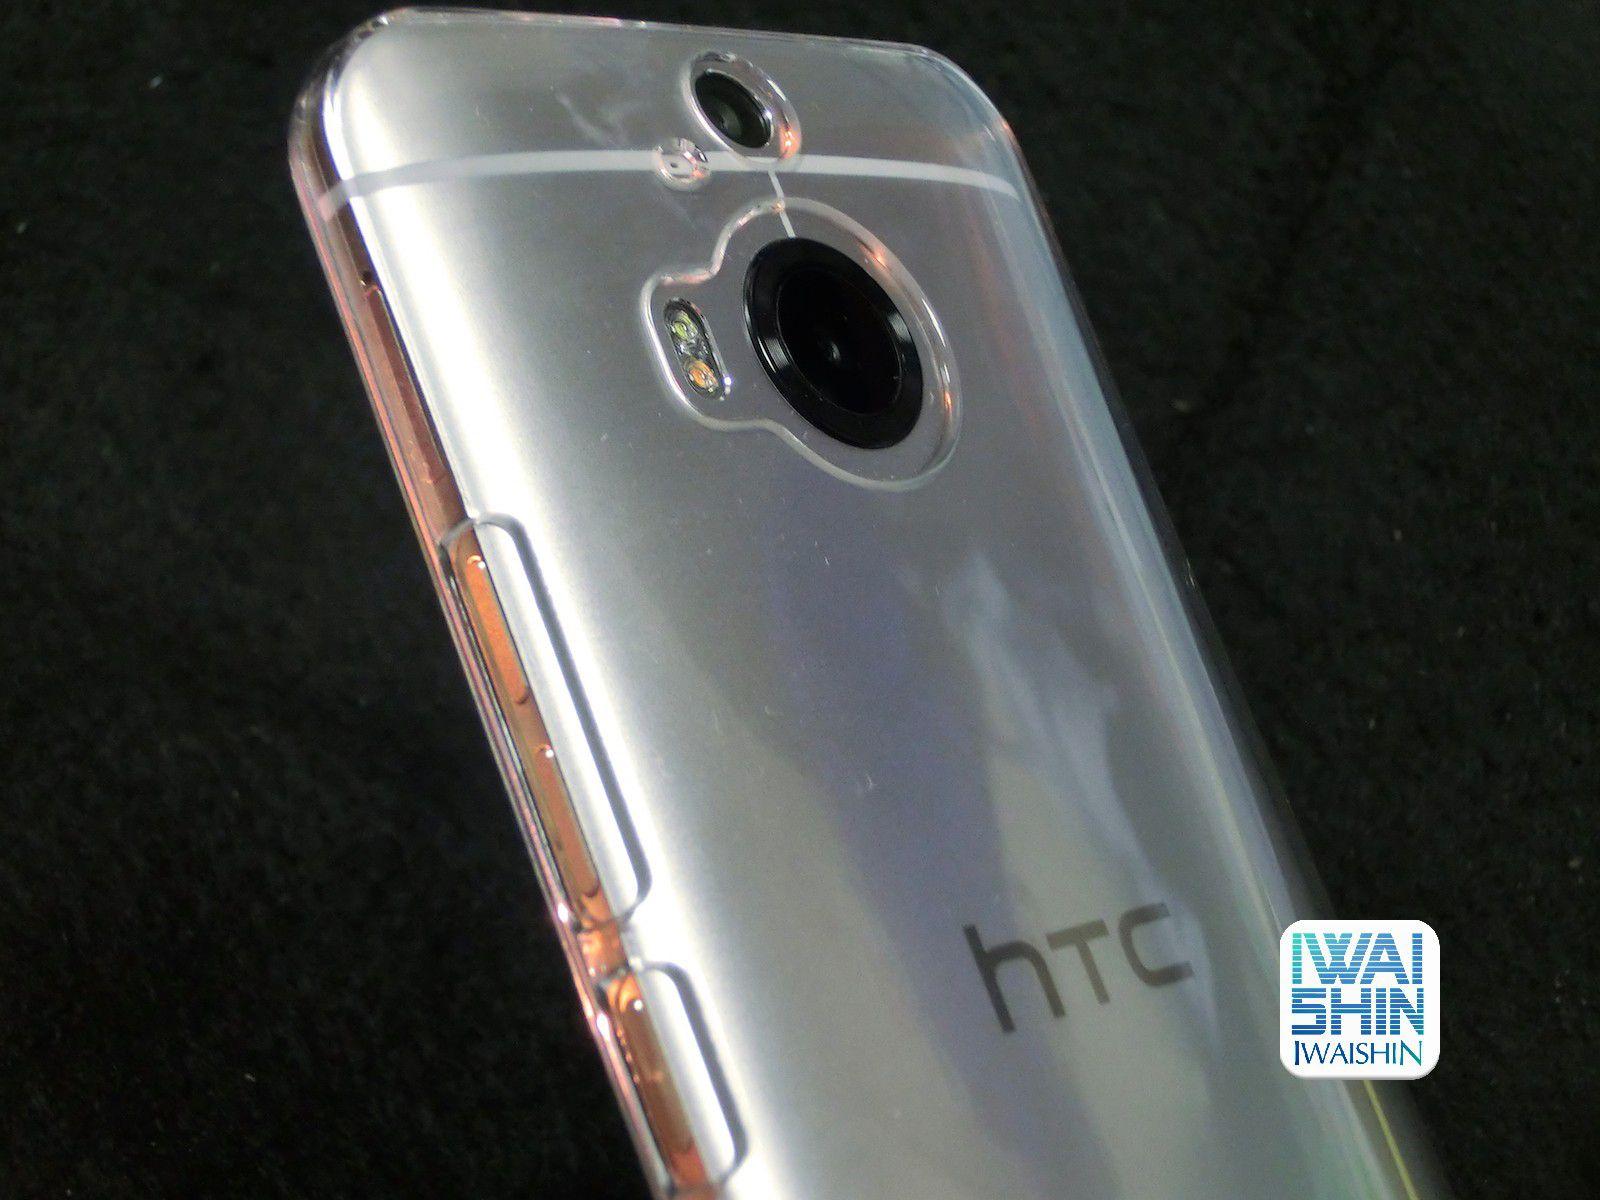 透明殼專家 HTCM9+5430